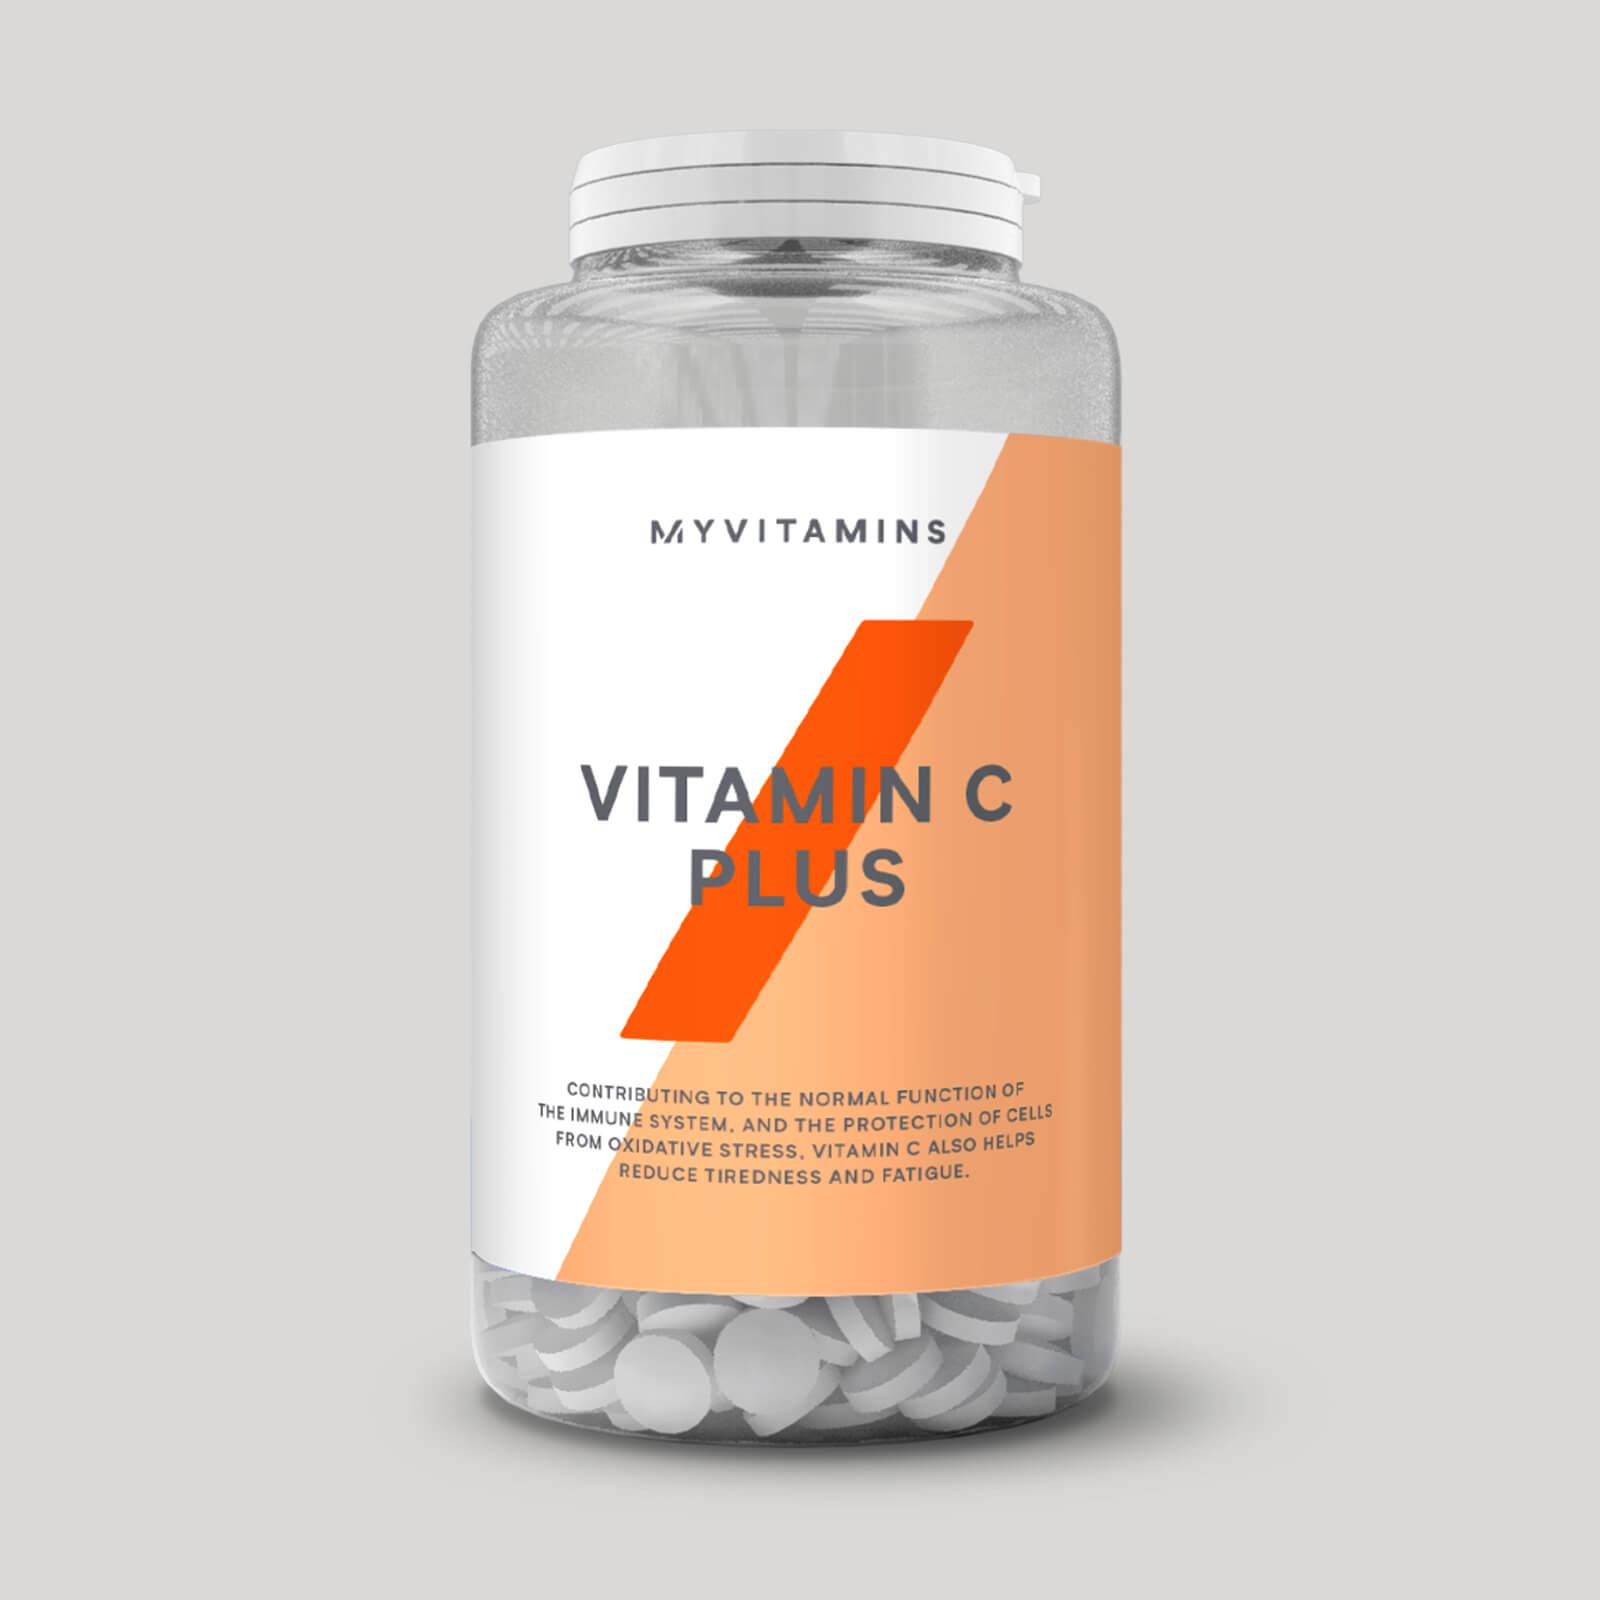 Myvitamins Vitamin C Plus Tablets - 180Tablets - Tub